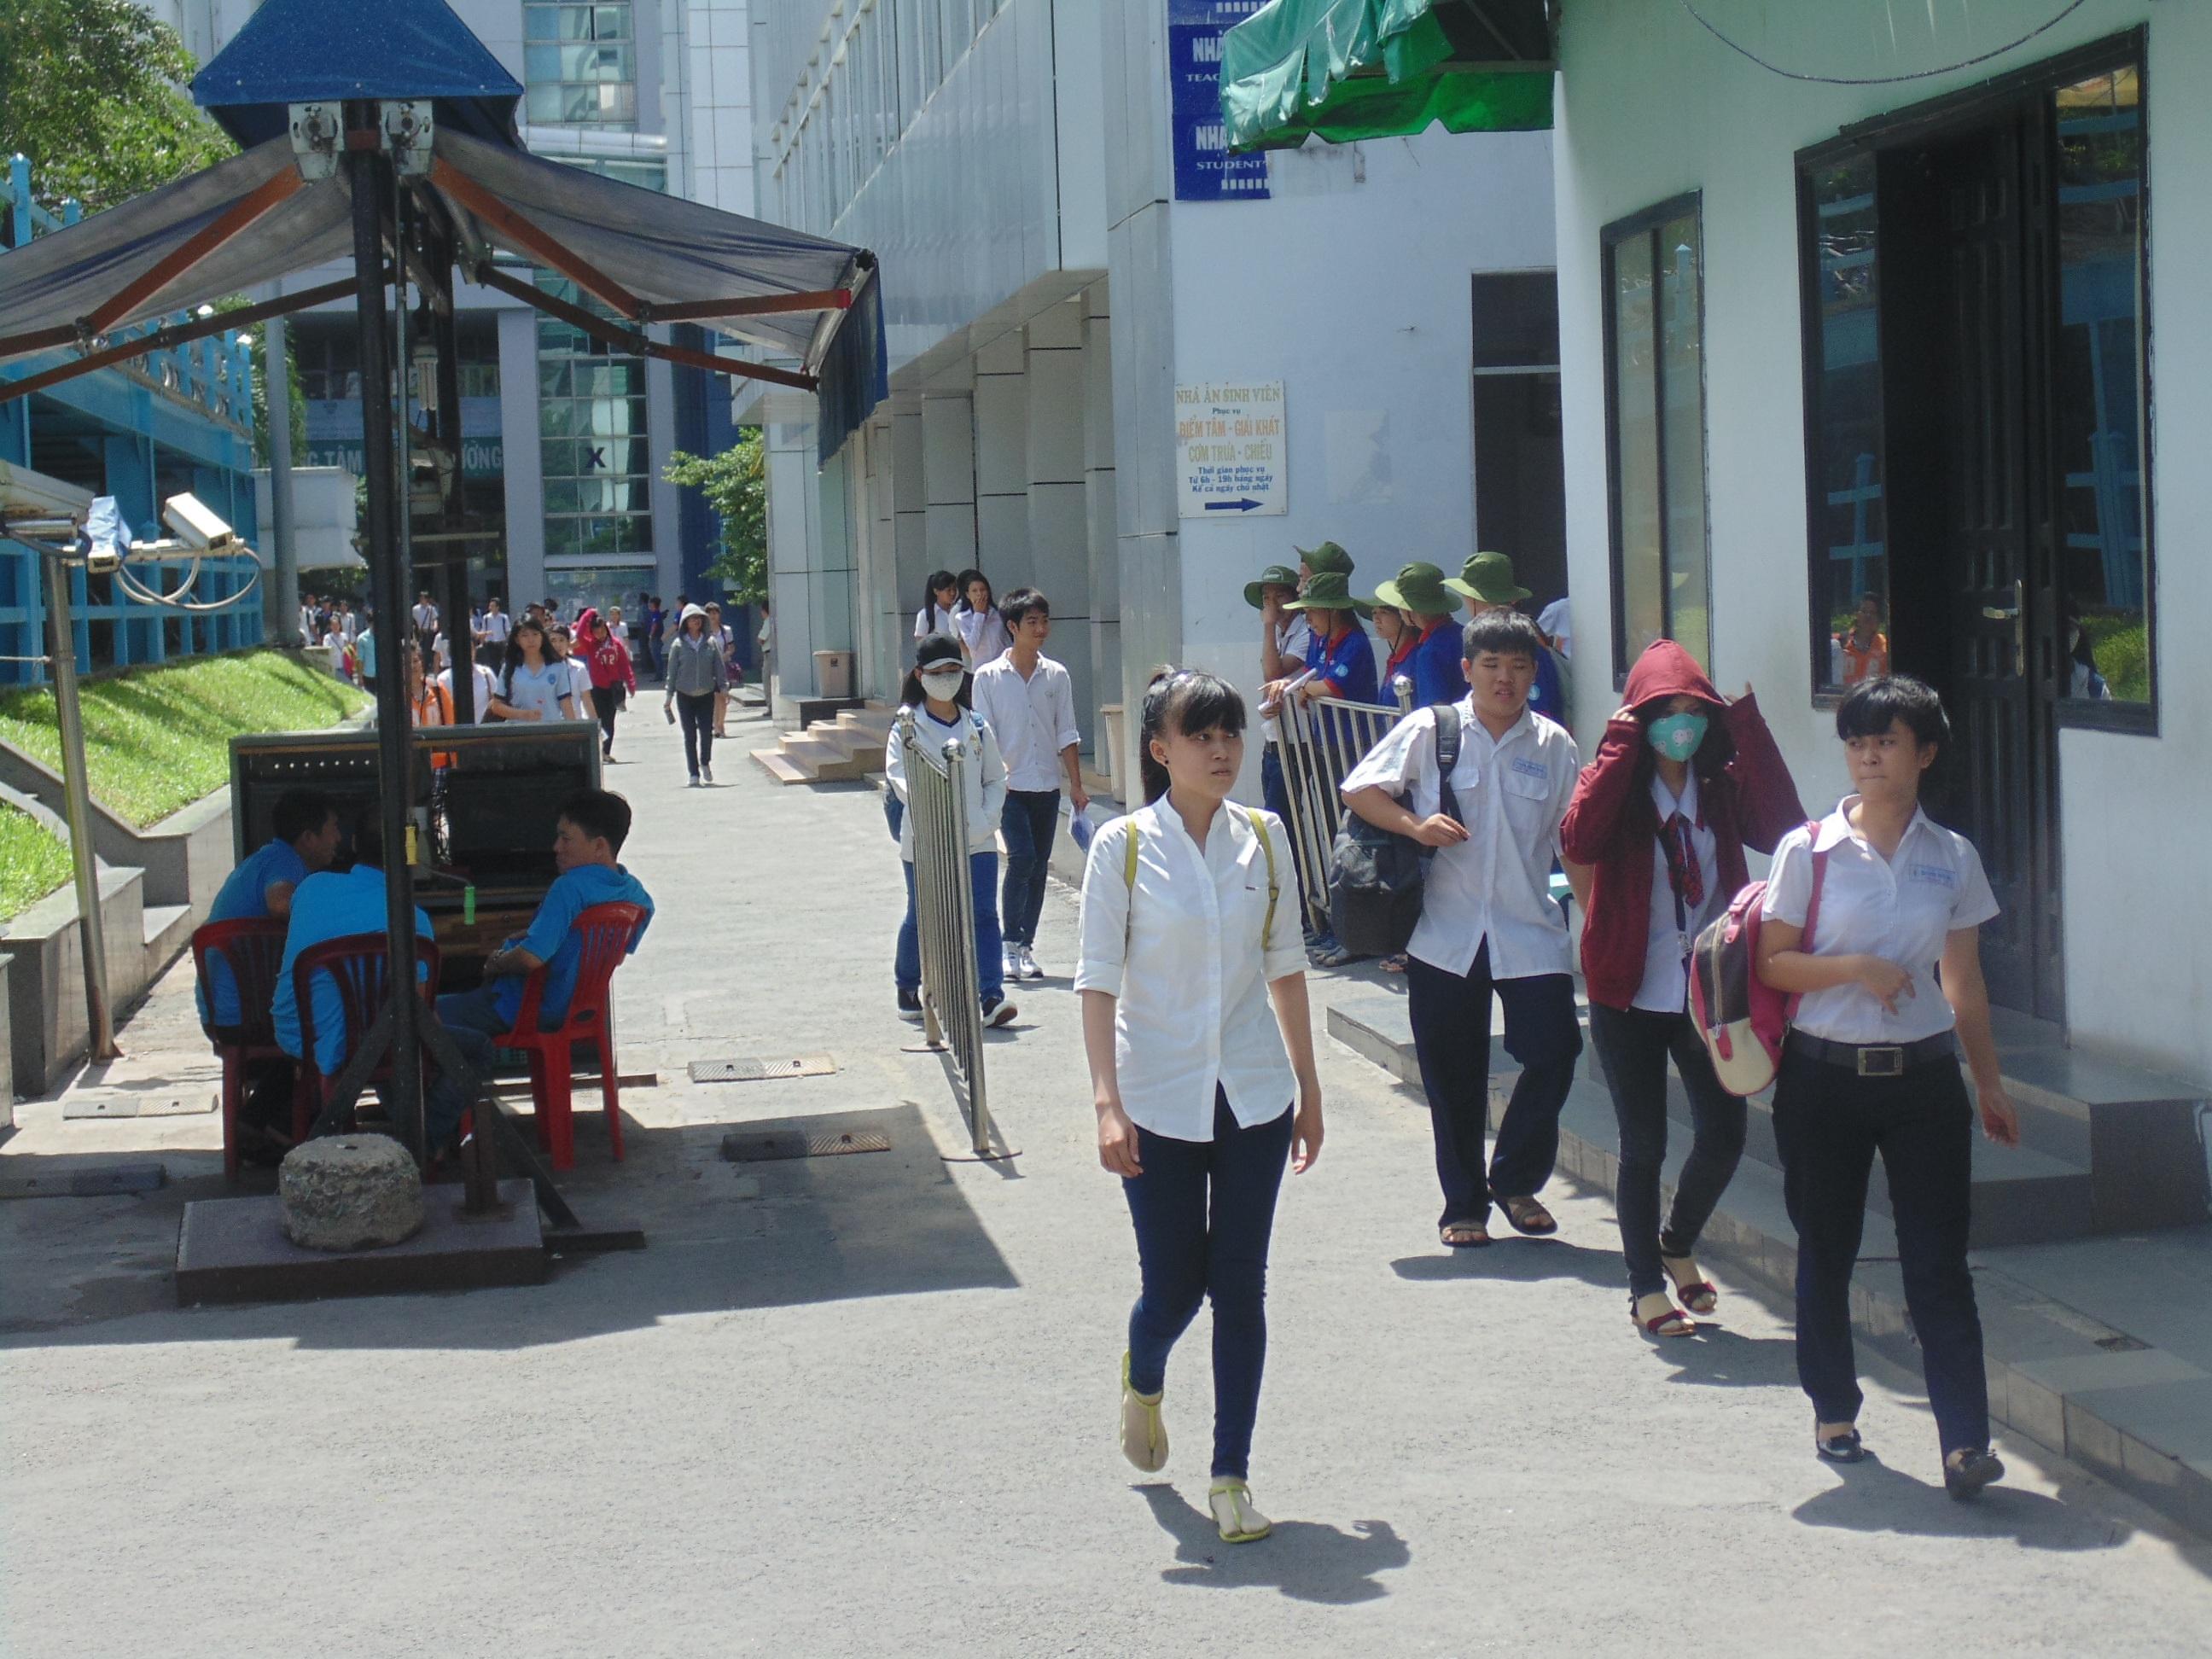 Thí sinh thi xong môn Toán tại cụm thi trường ĐH Công nghiệp TPHCM (ảnh Xuân Duy)